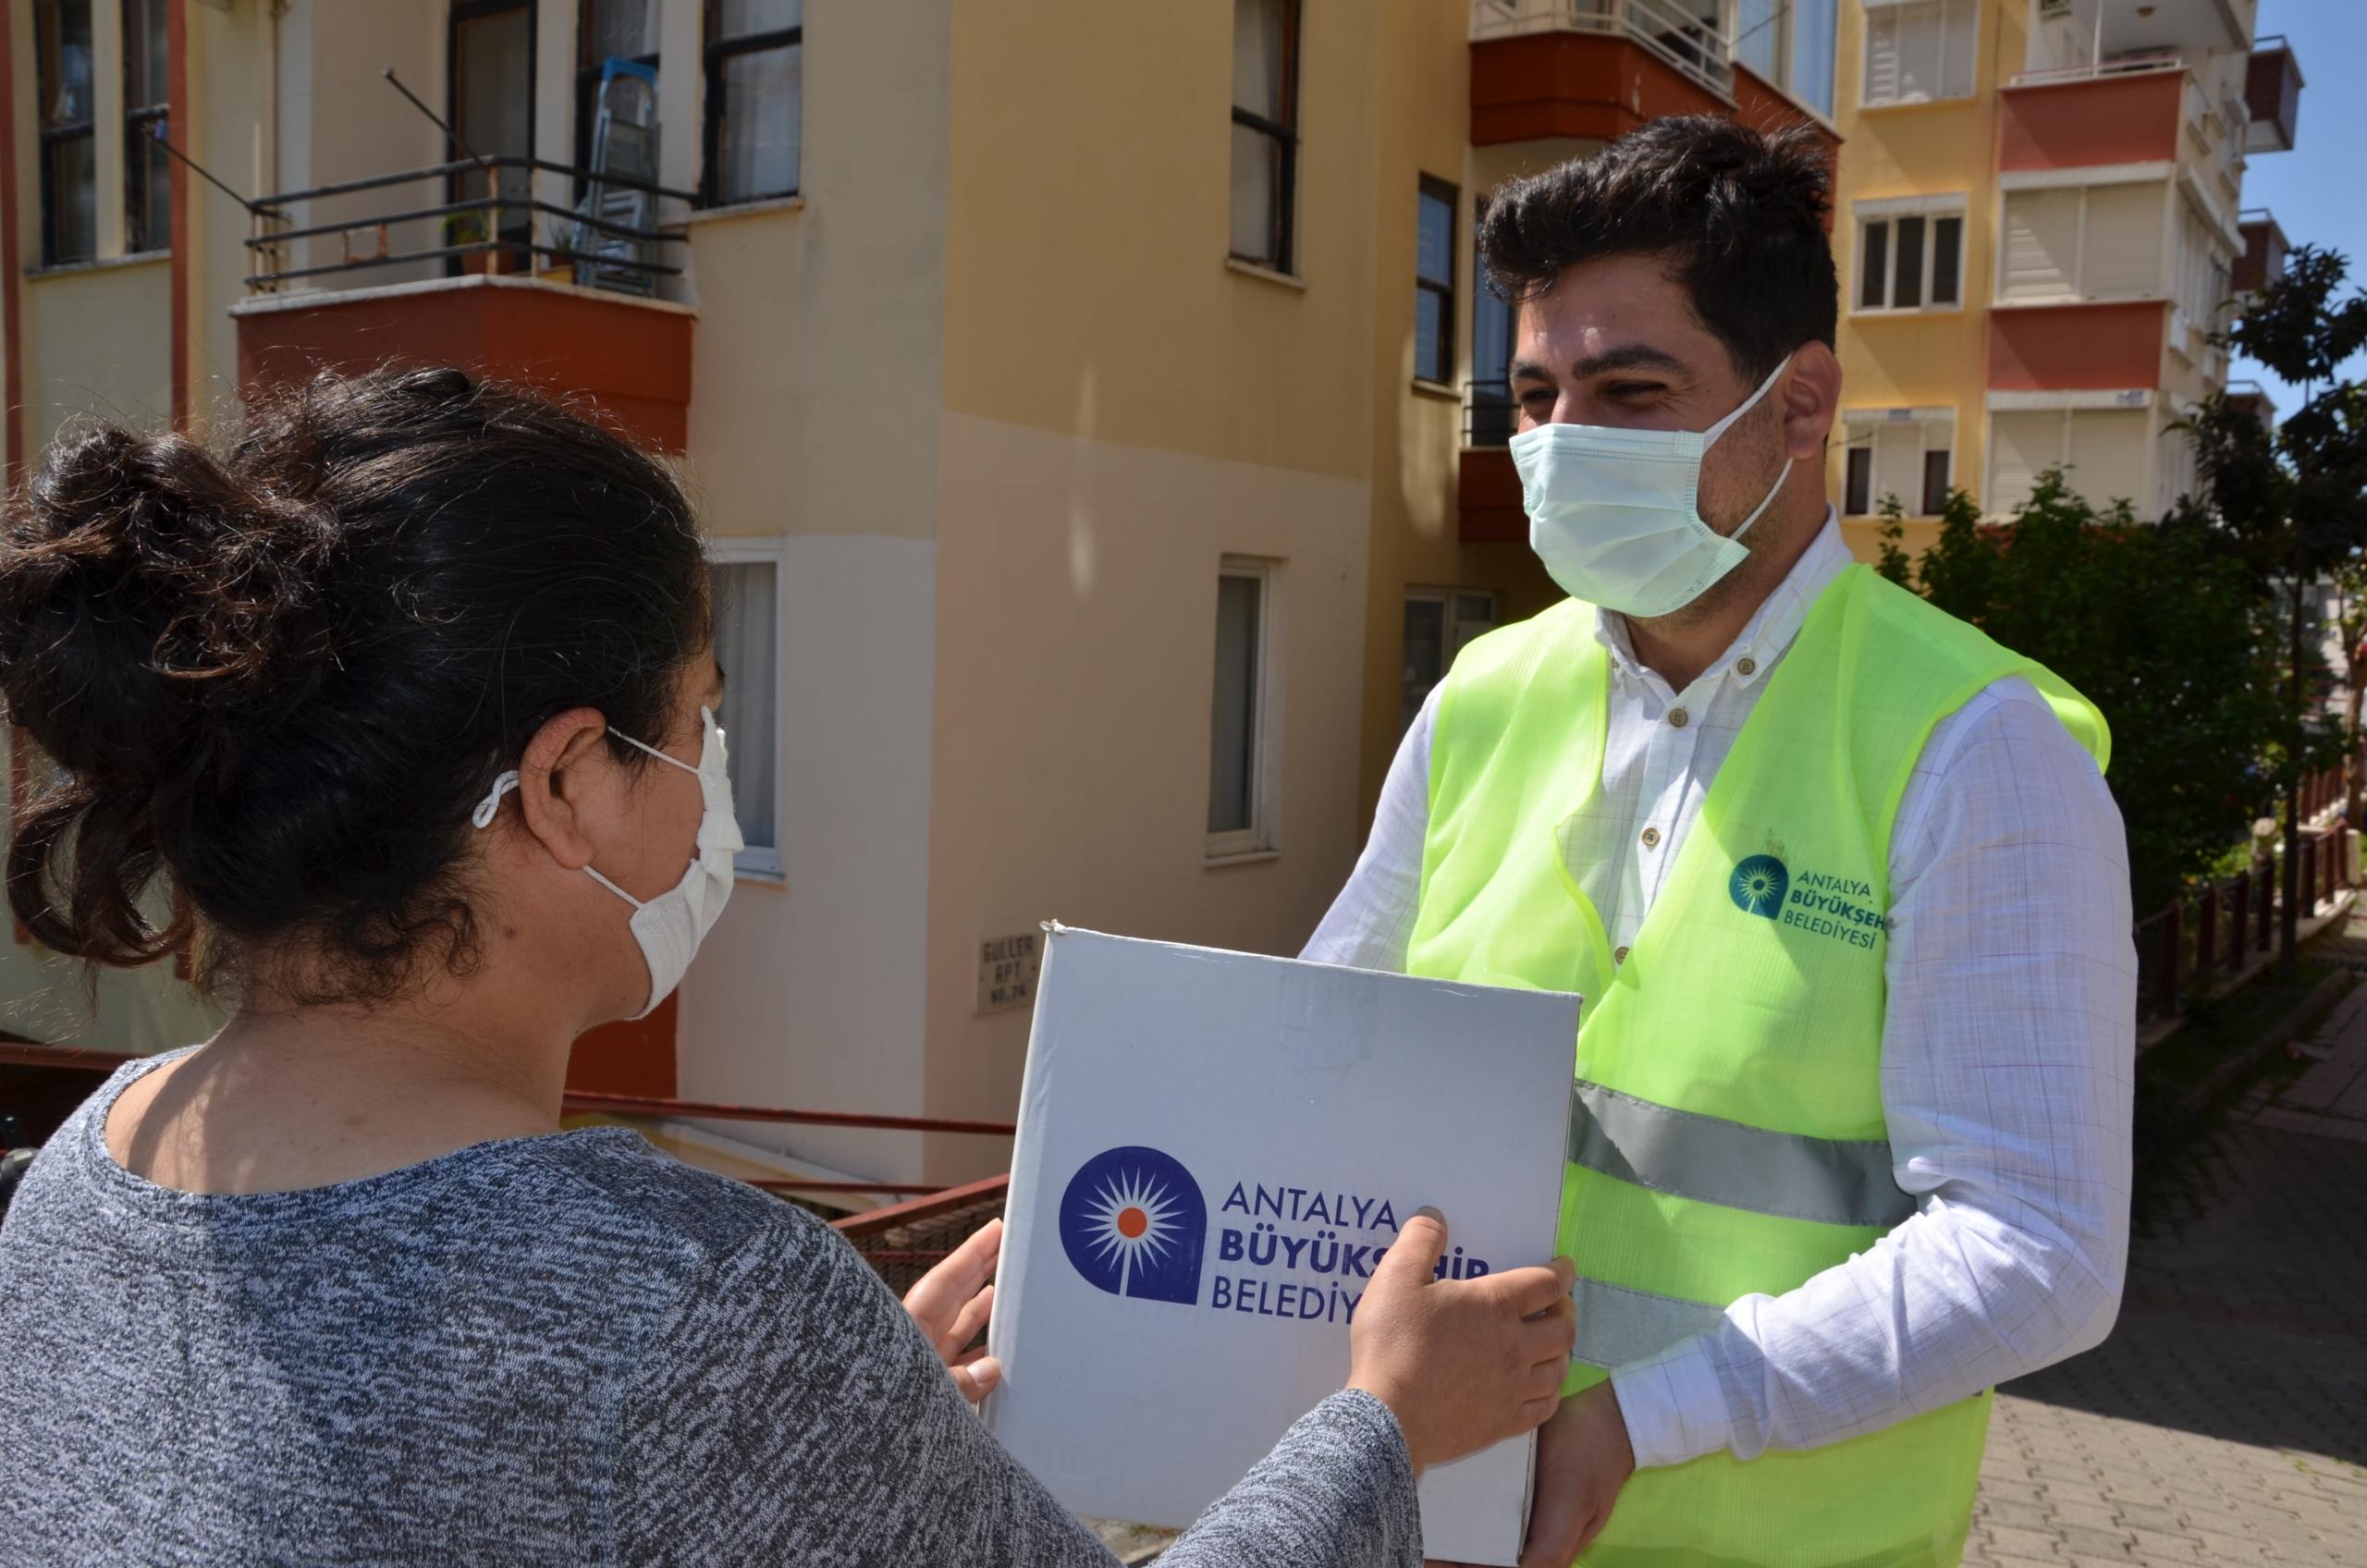 Büyükşehir Belediyesi gıda paketi dağıtmaya devam ediyor